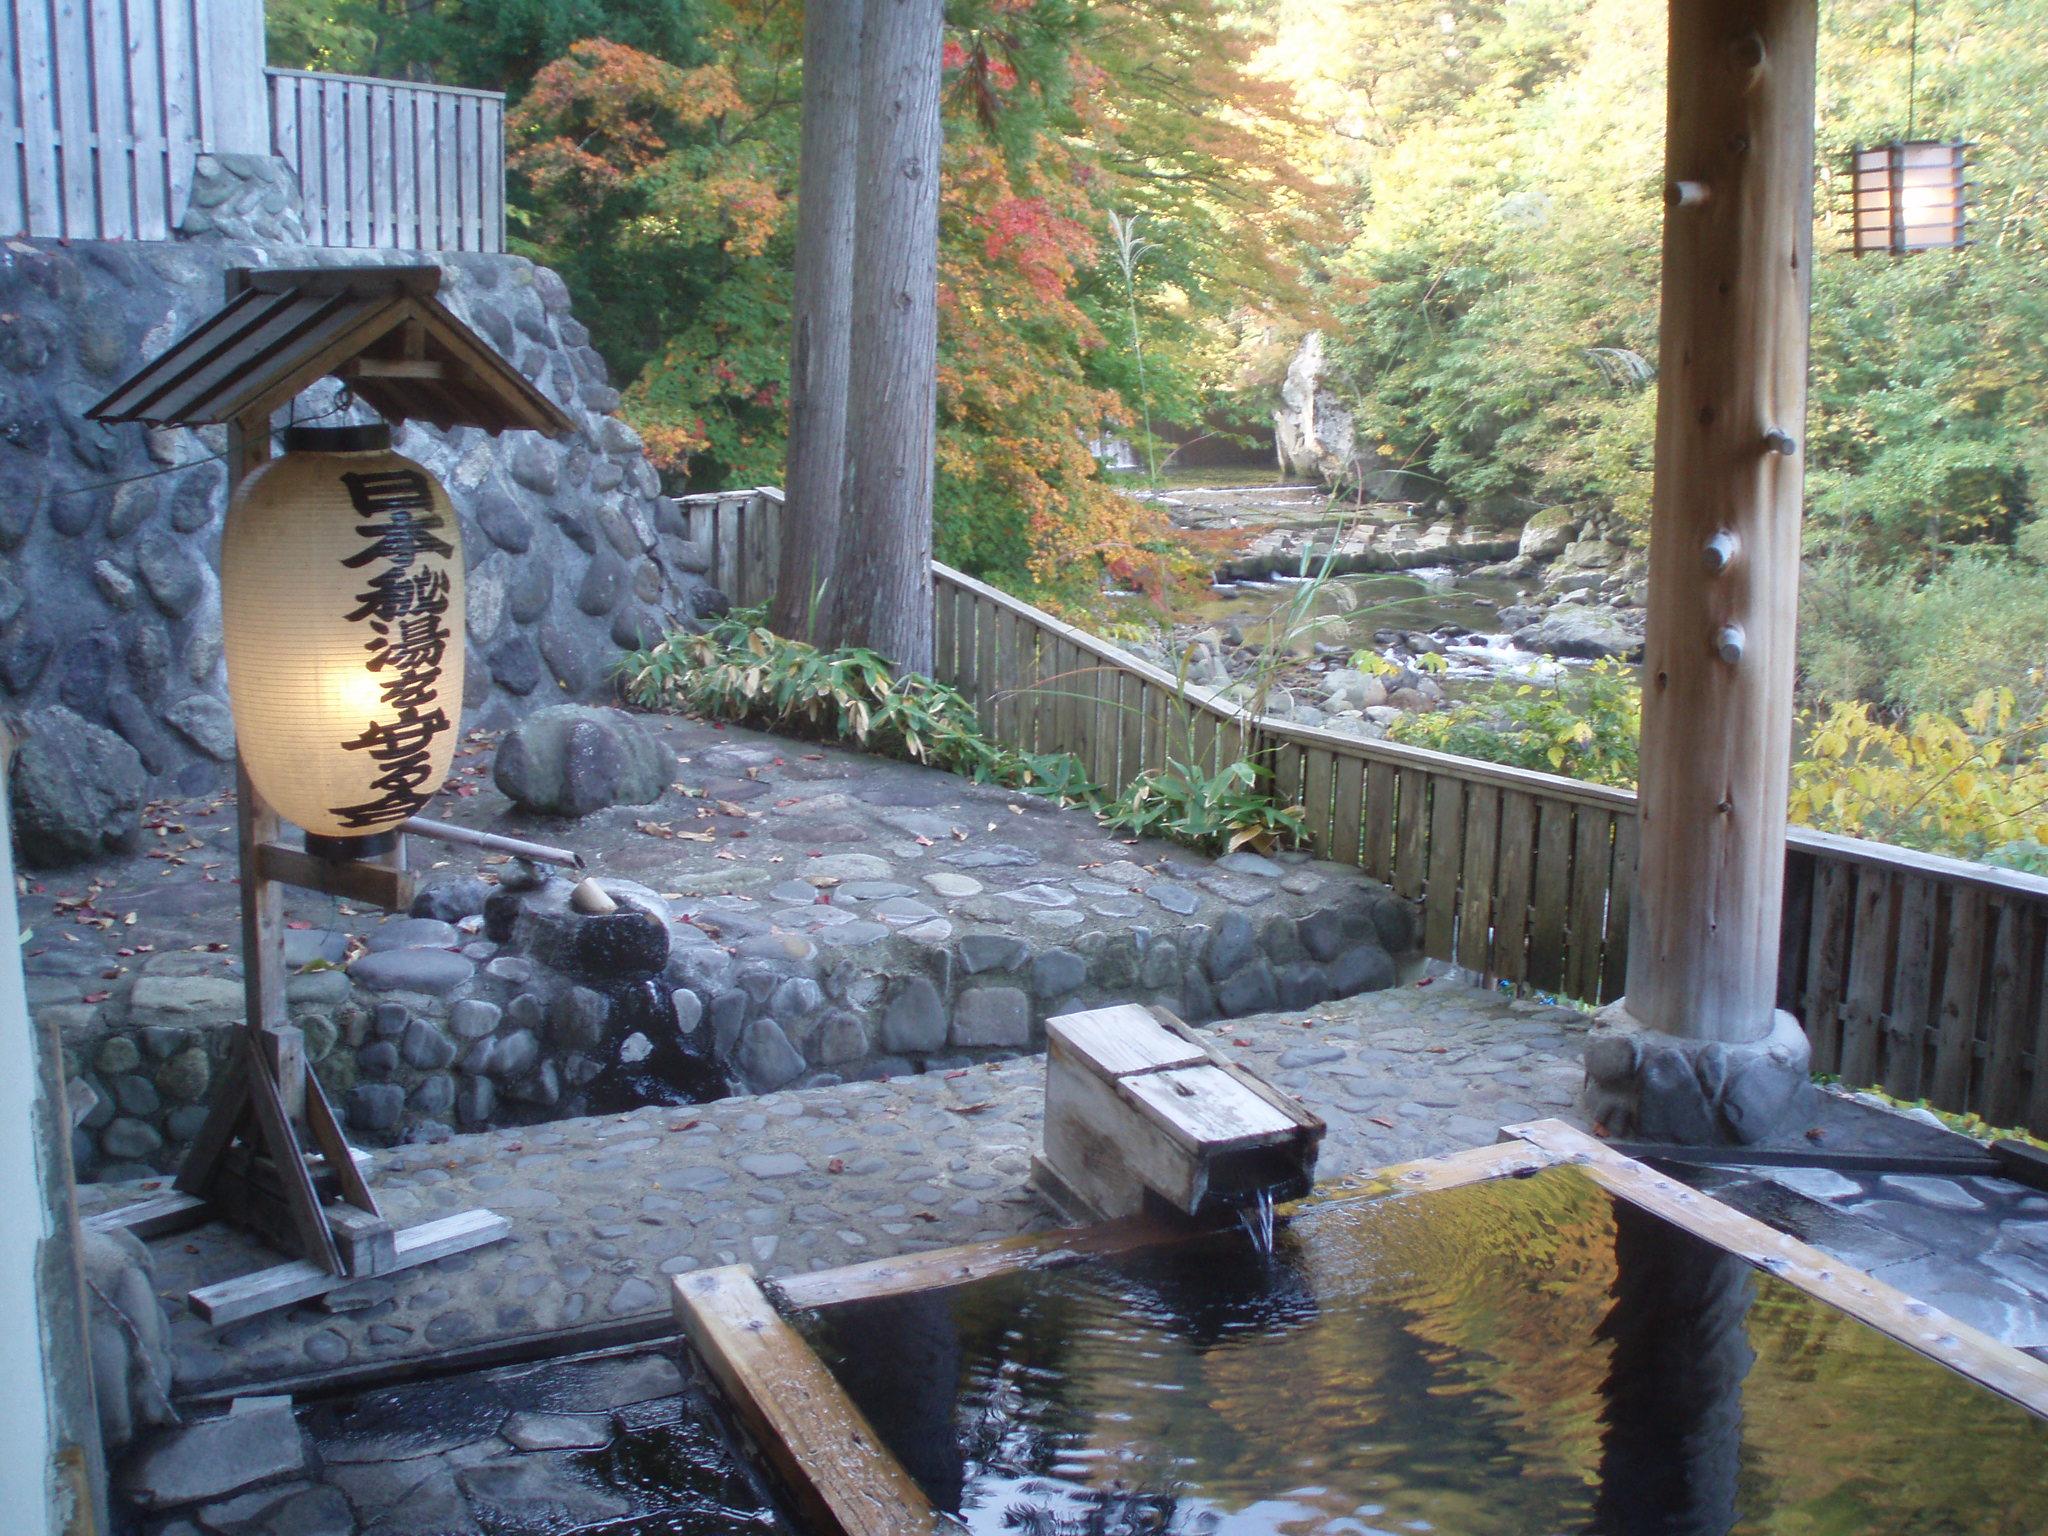 Takanoyu_Onsen_Rotenburo_086.jpg